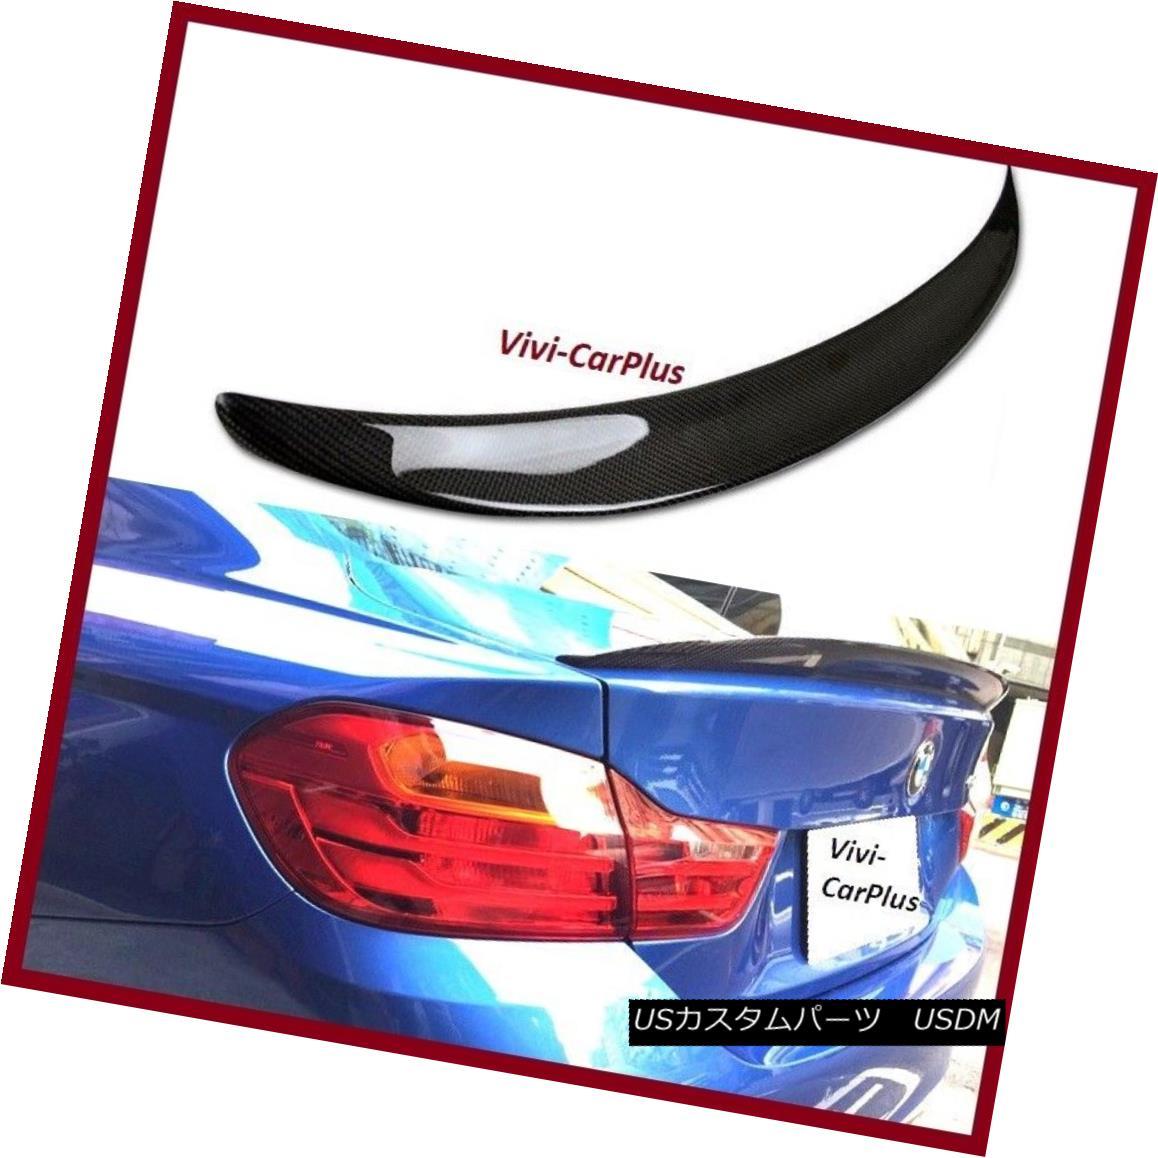 エアロパーツ 14-17 BMW F32 420i 428i 435i Coupe P Type Carbon Fiber Trunk Boot Spoiler Wing 14-17 BMW F32 420i 428i 435iクーペPタイプ炭素繊維トランク・ブーツ・スポイラー・ウィング